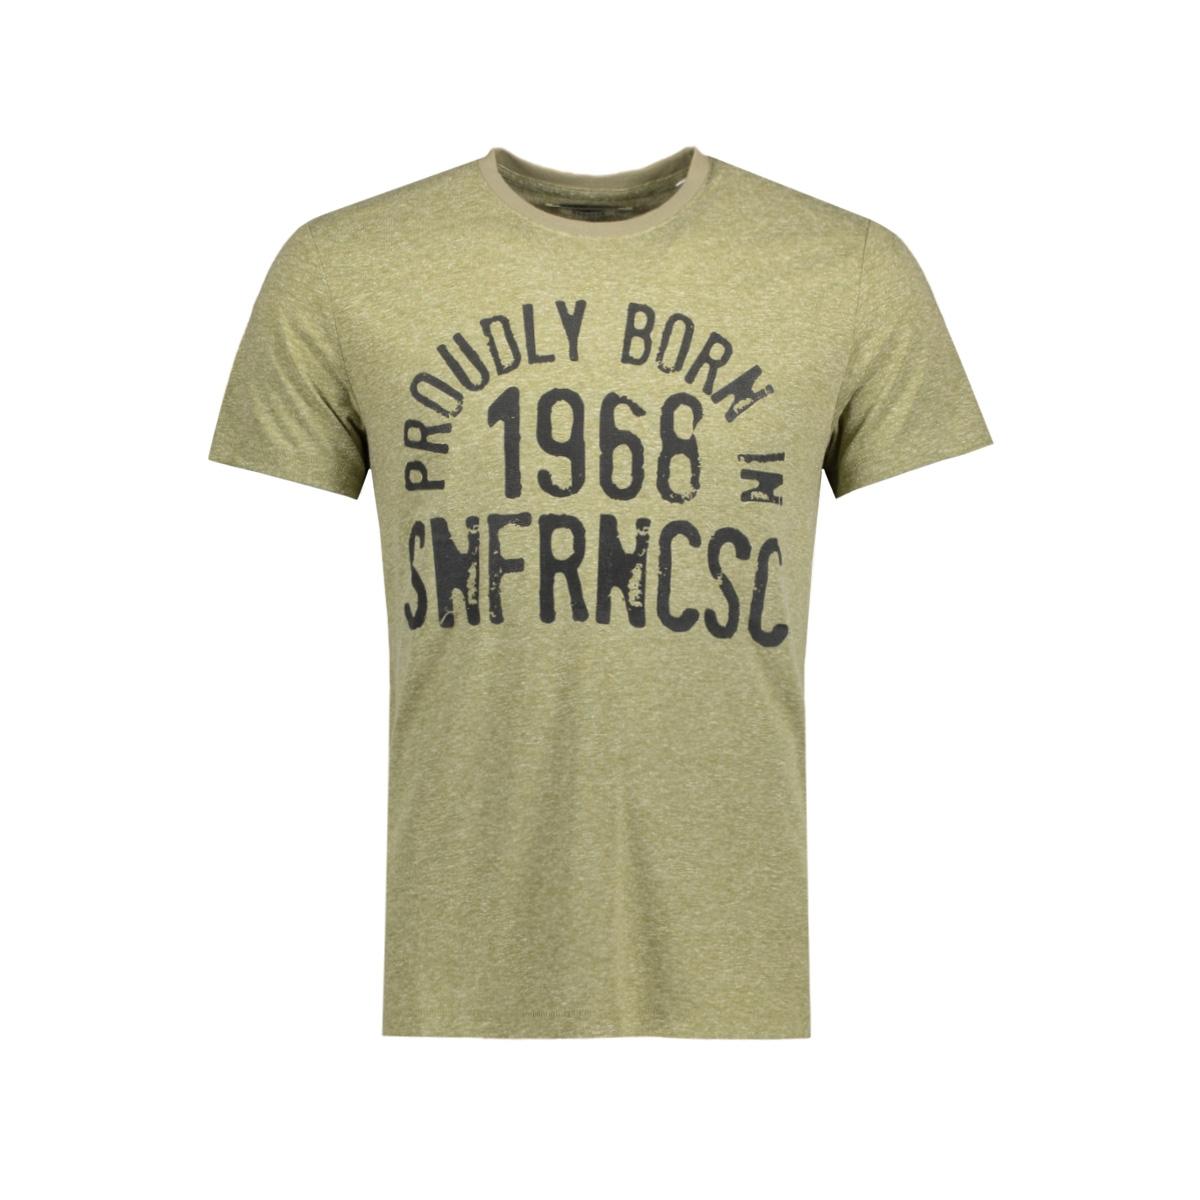 097ee2k019 esprit t-shirt e360